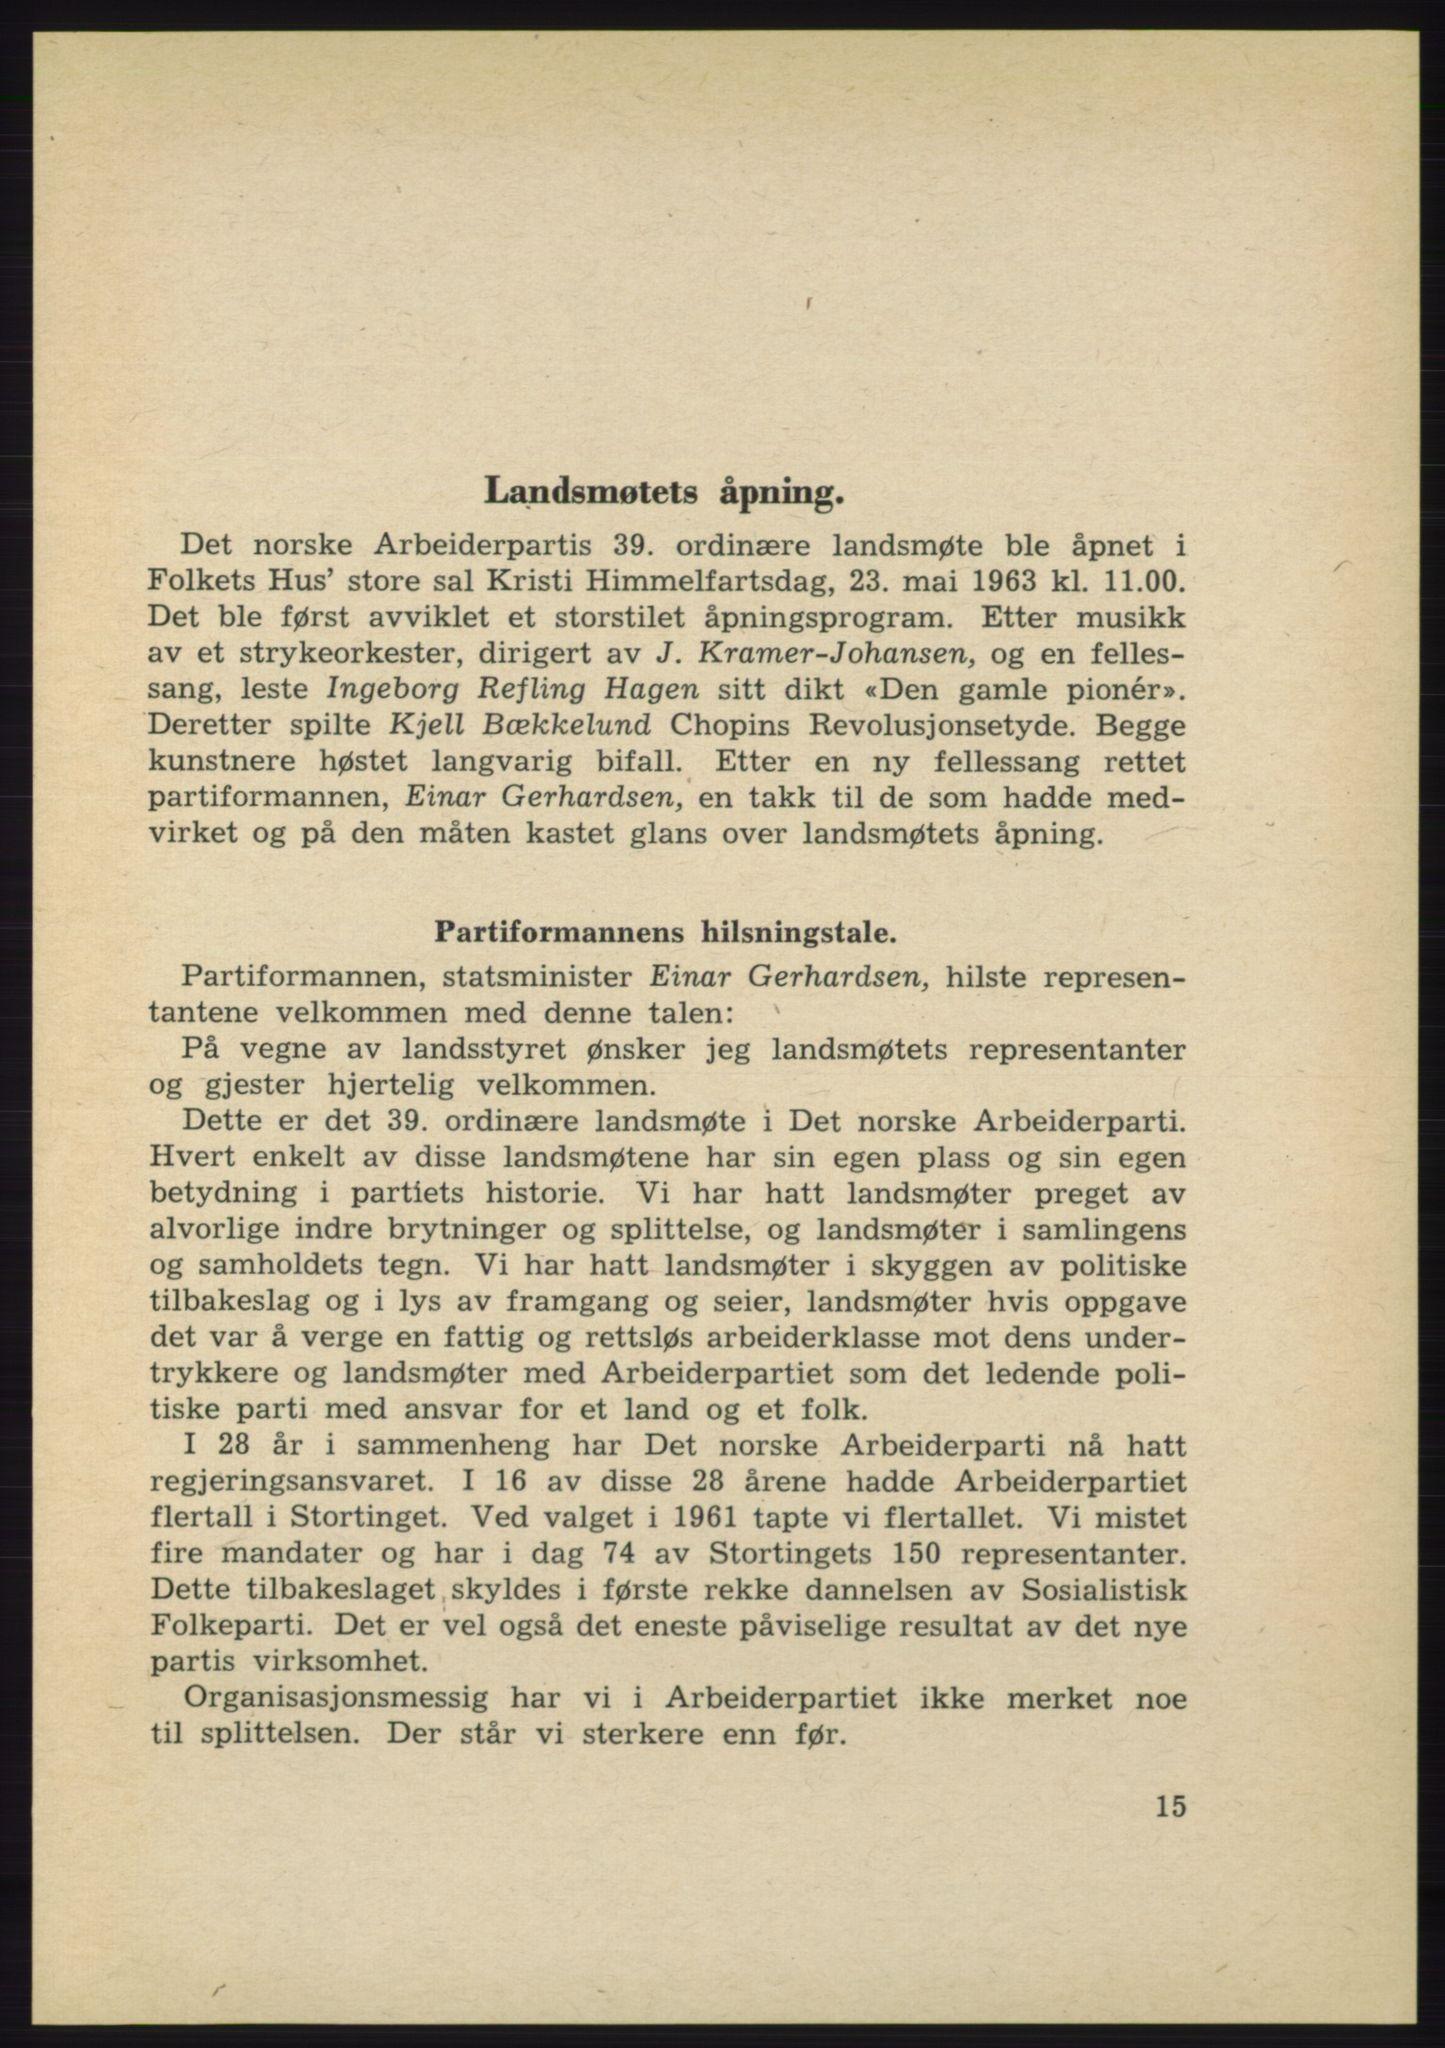 AAB, Det norske Arbeiderparti - publikasjoner, -/-: Protokoll over forhandlingene på det 39. ordinære landsmøte 23.-25. mai 1963 i Oslo, 1963, s. 15